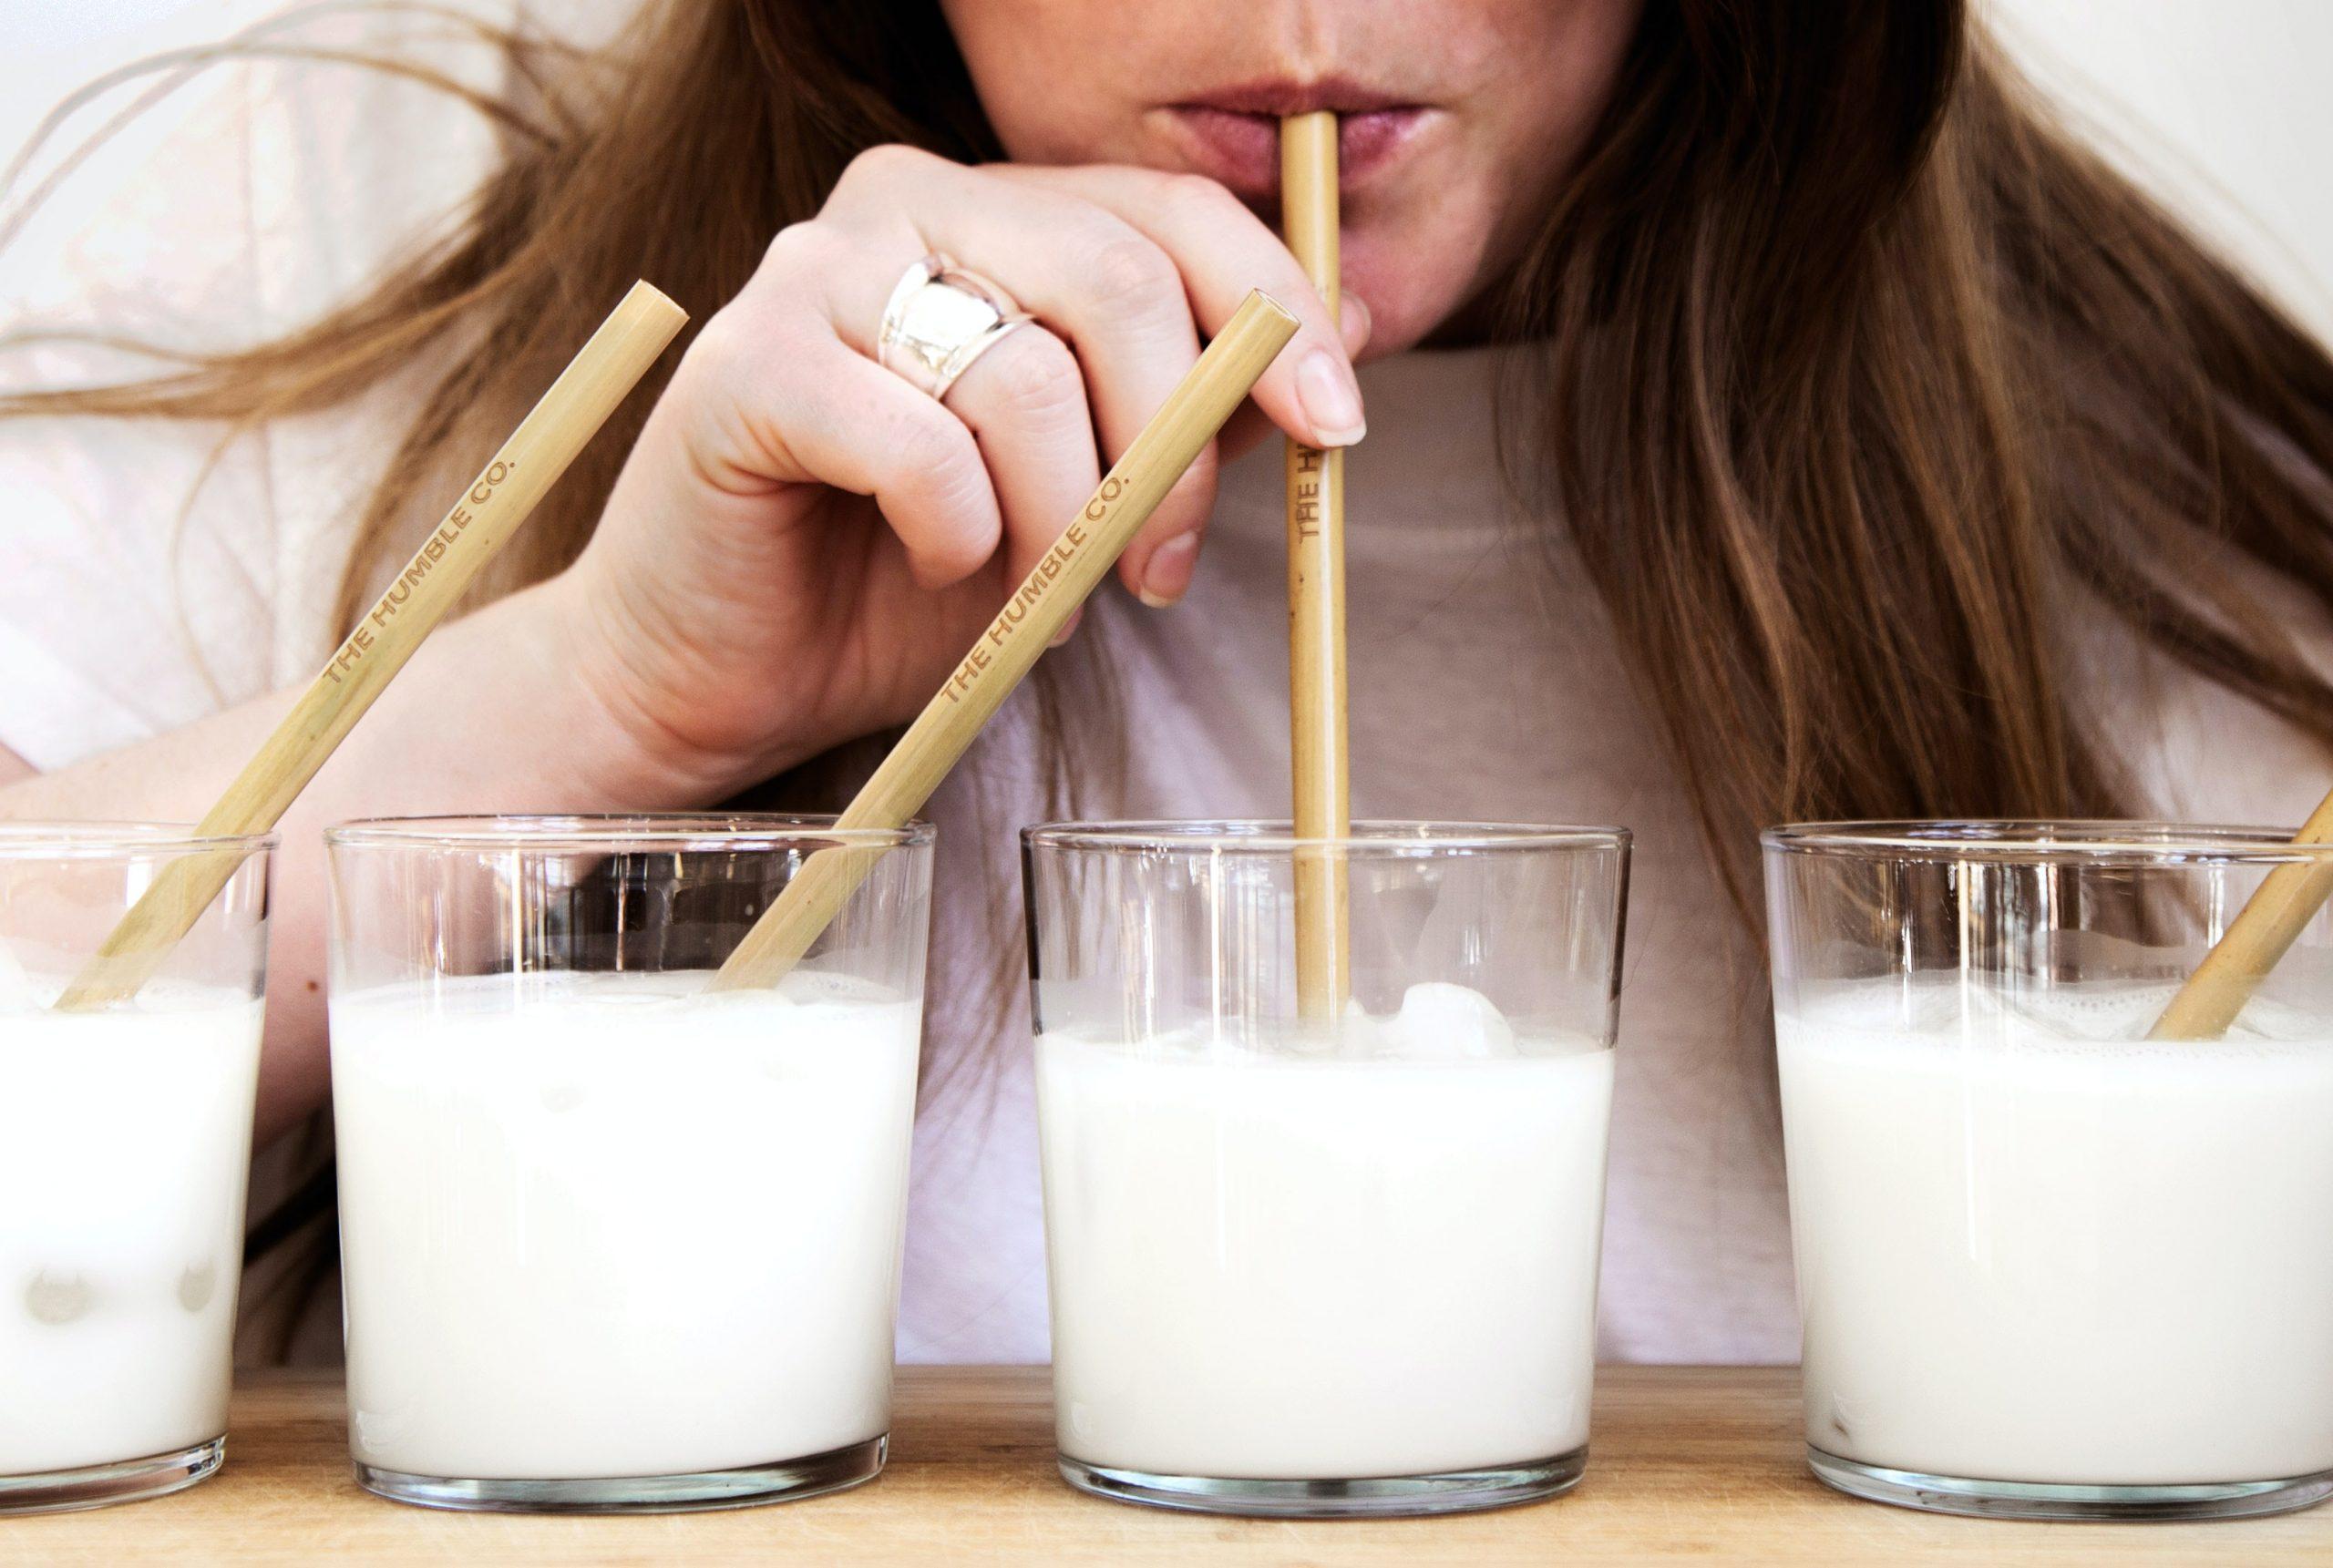 Leche sin lactosa: ¿cuál es el mejor producto del 2021?